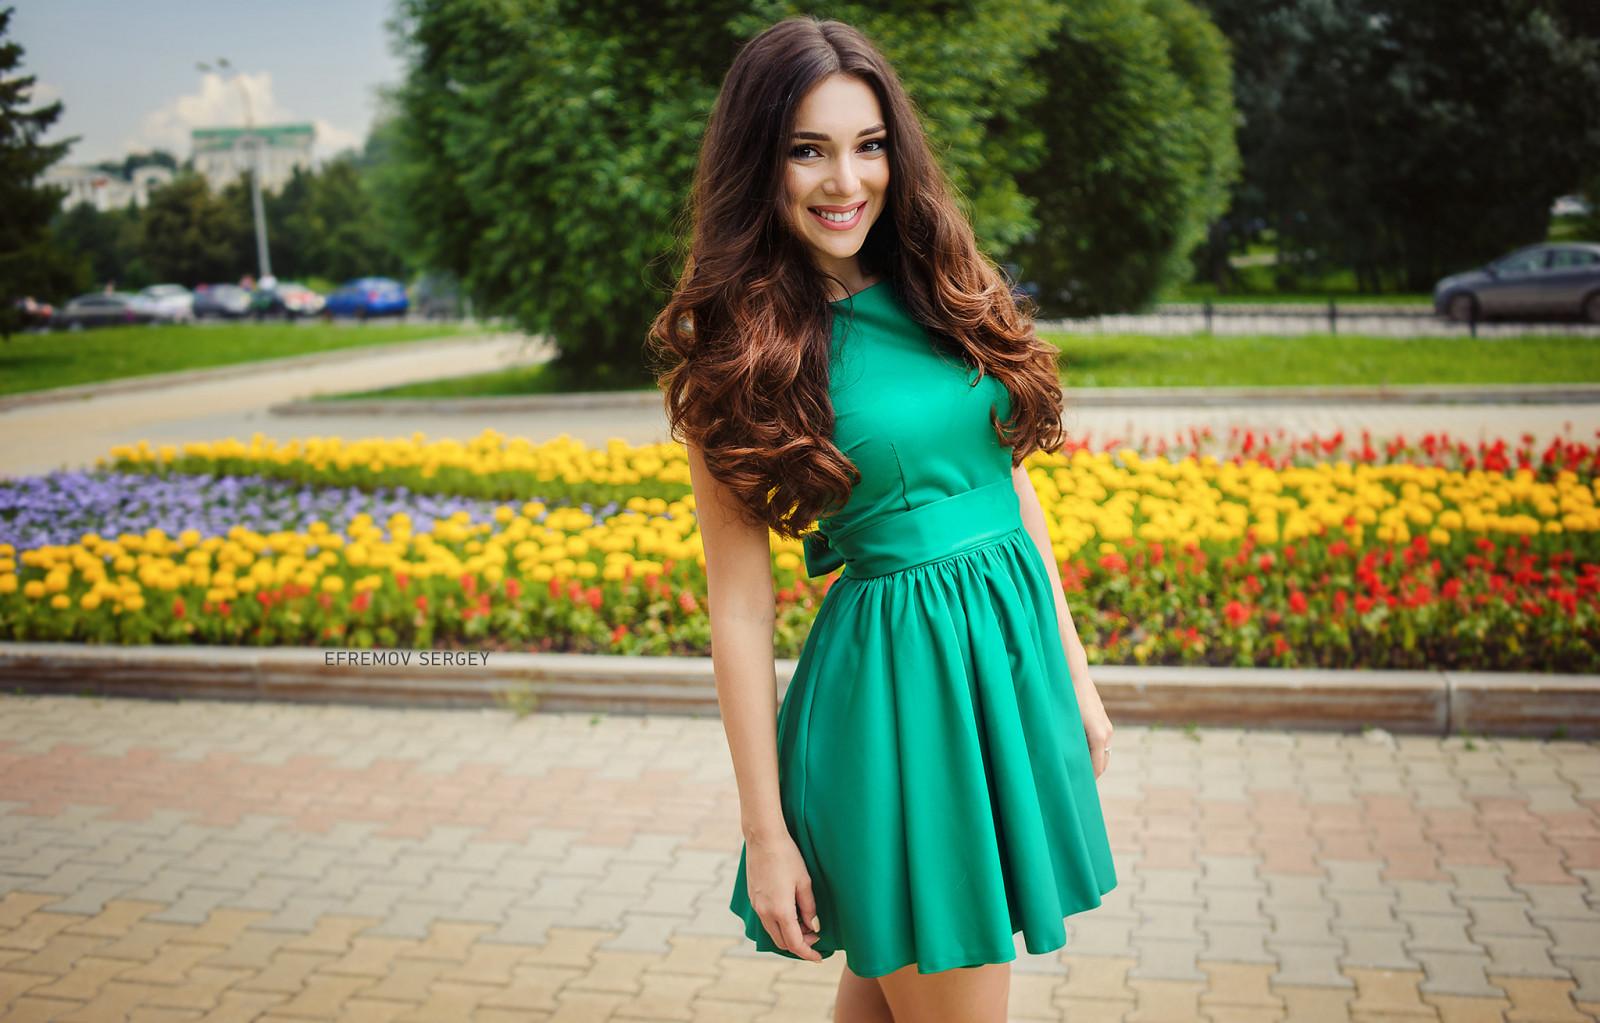 многом красивые брюнетки в зеленых платьях коротких фотки ещё ебут нас